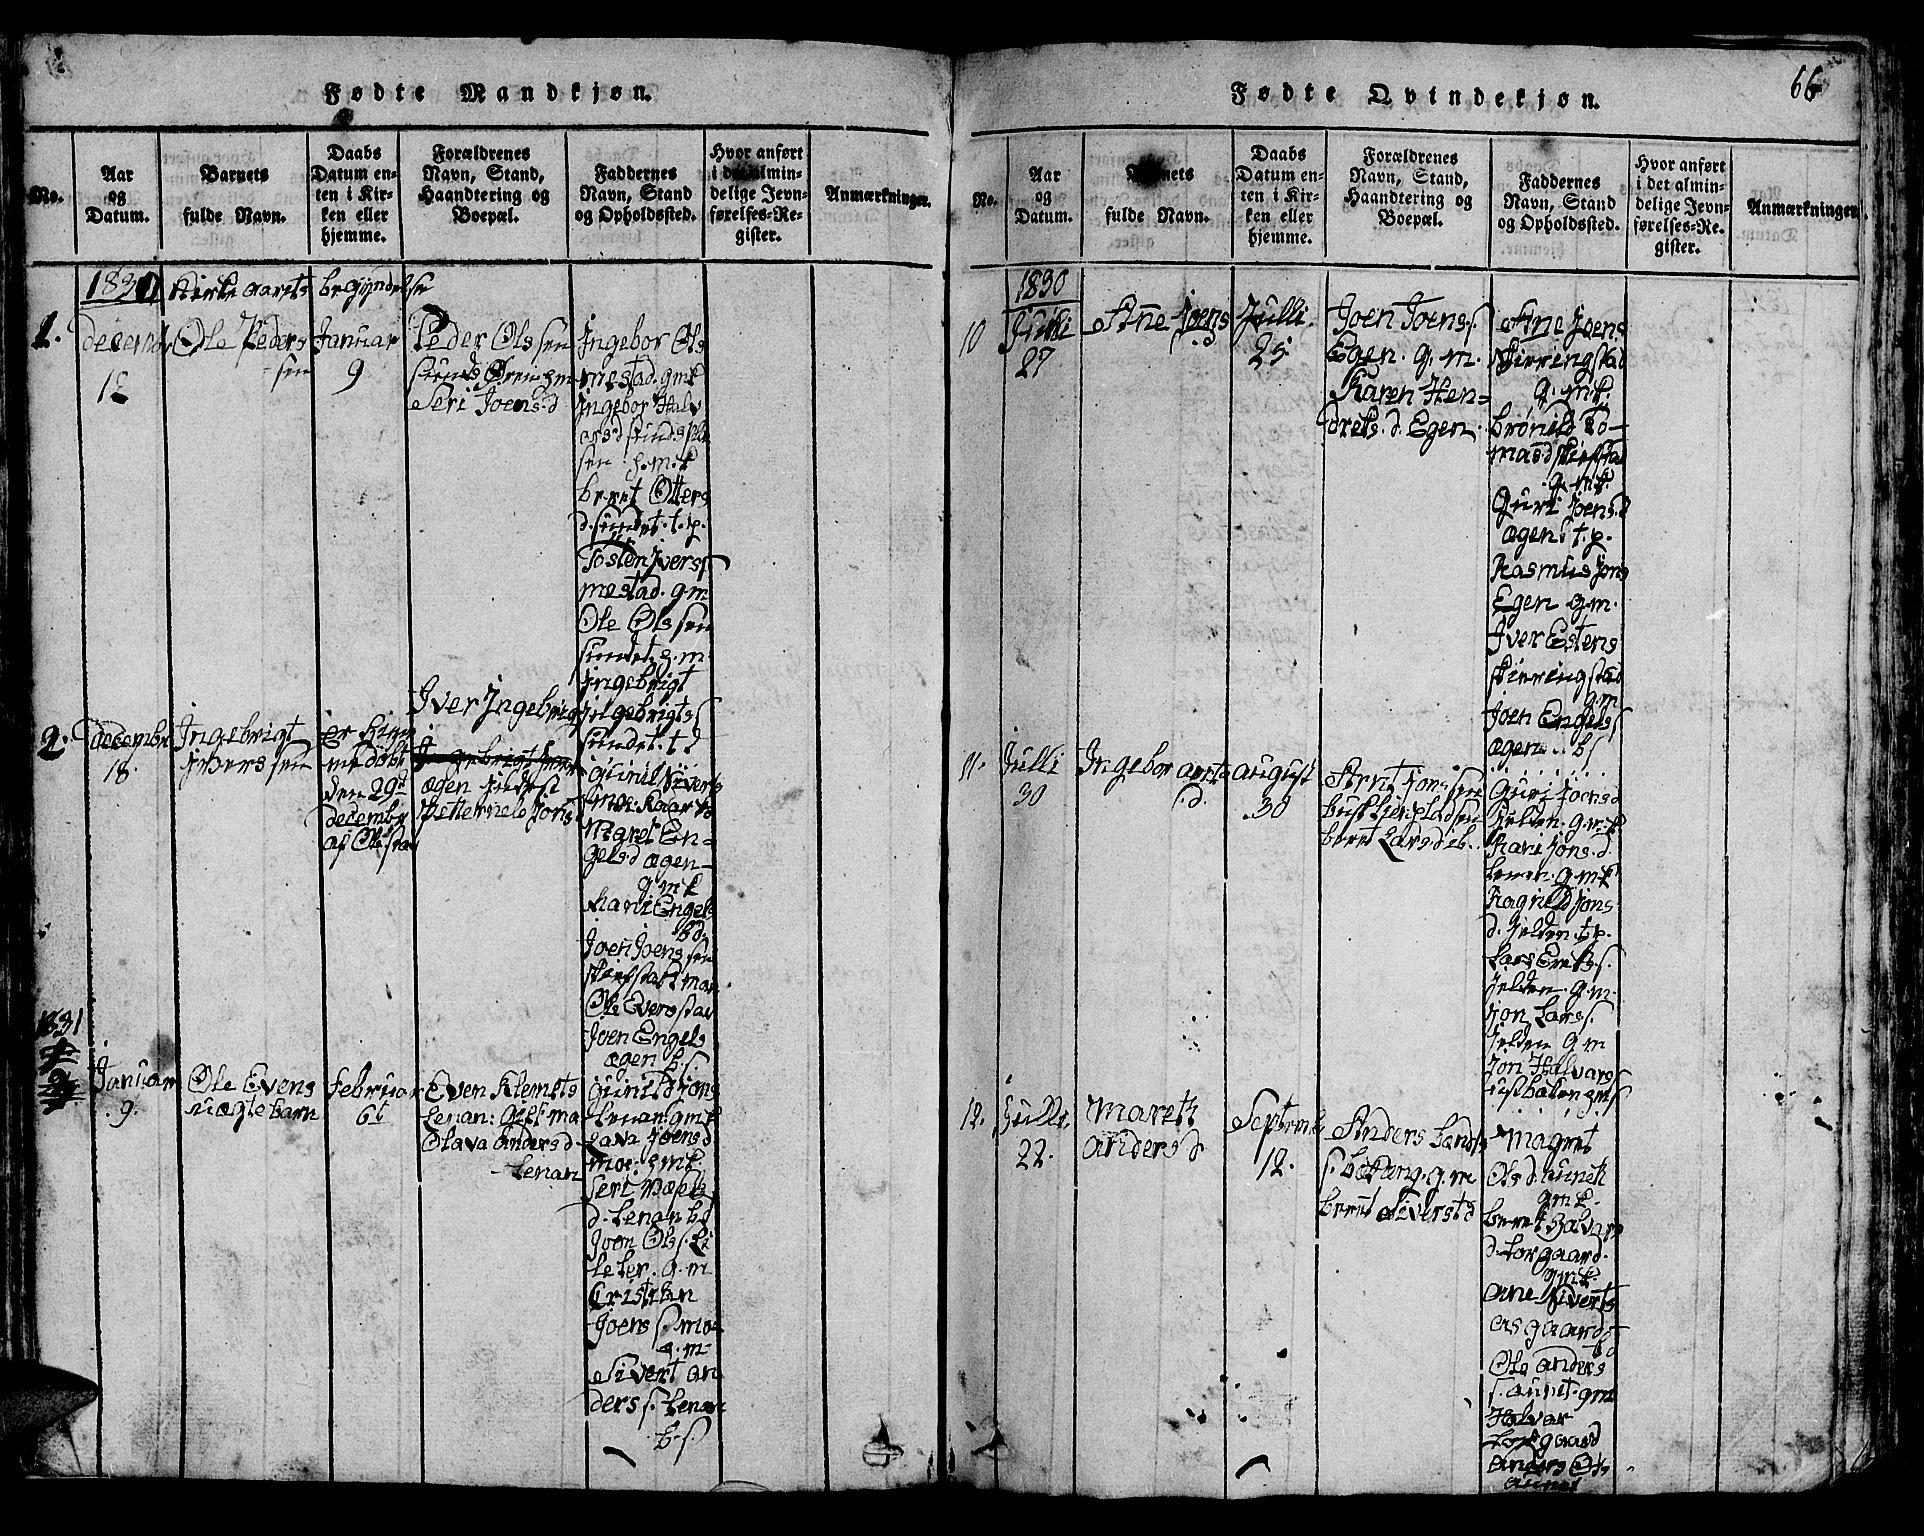 SAT, Ministerialprotokoller, klokkerbøker og fødselsregistre - Sør-Trøndelag, 613/L0393: Klokkerbok nr. 613C01, 1816-1886, s. 66